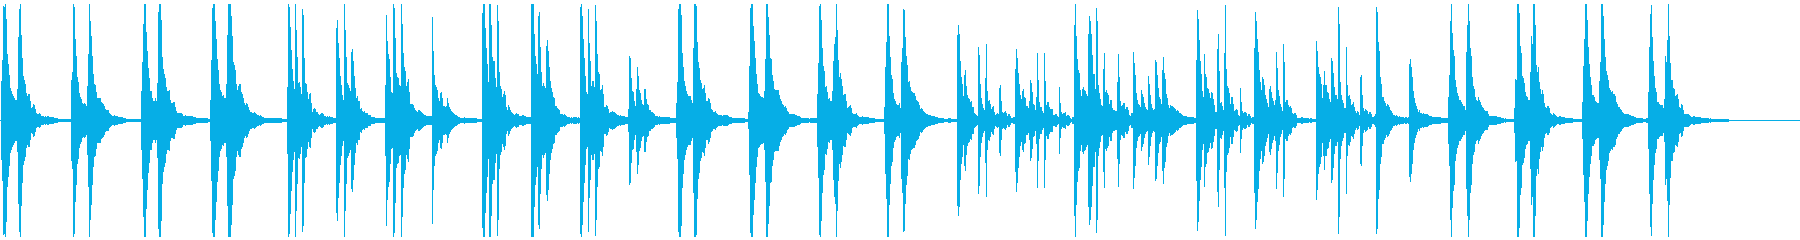 ピアノヒーリング 和風 月夜 紅葉 水面の再生済みの波形